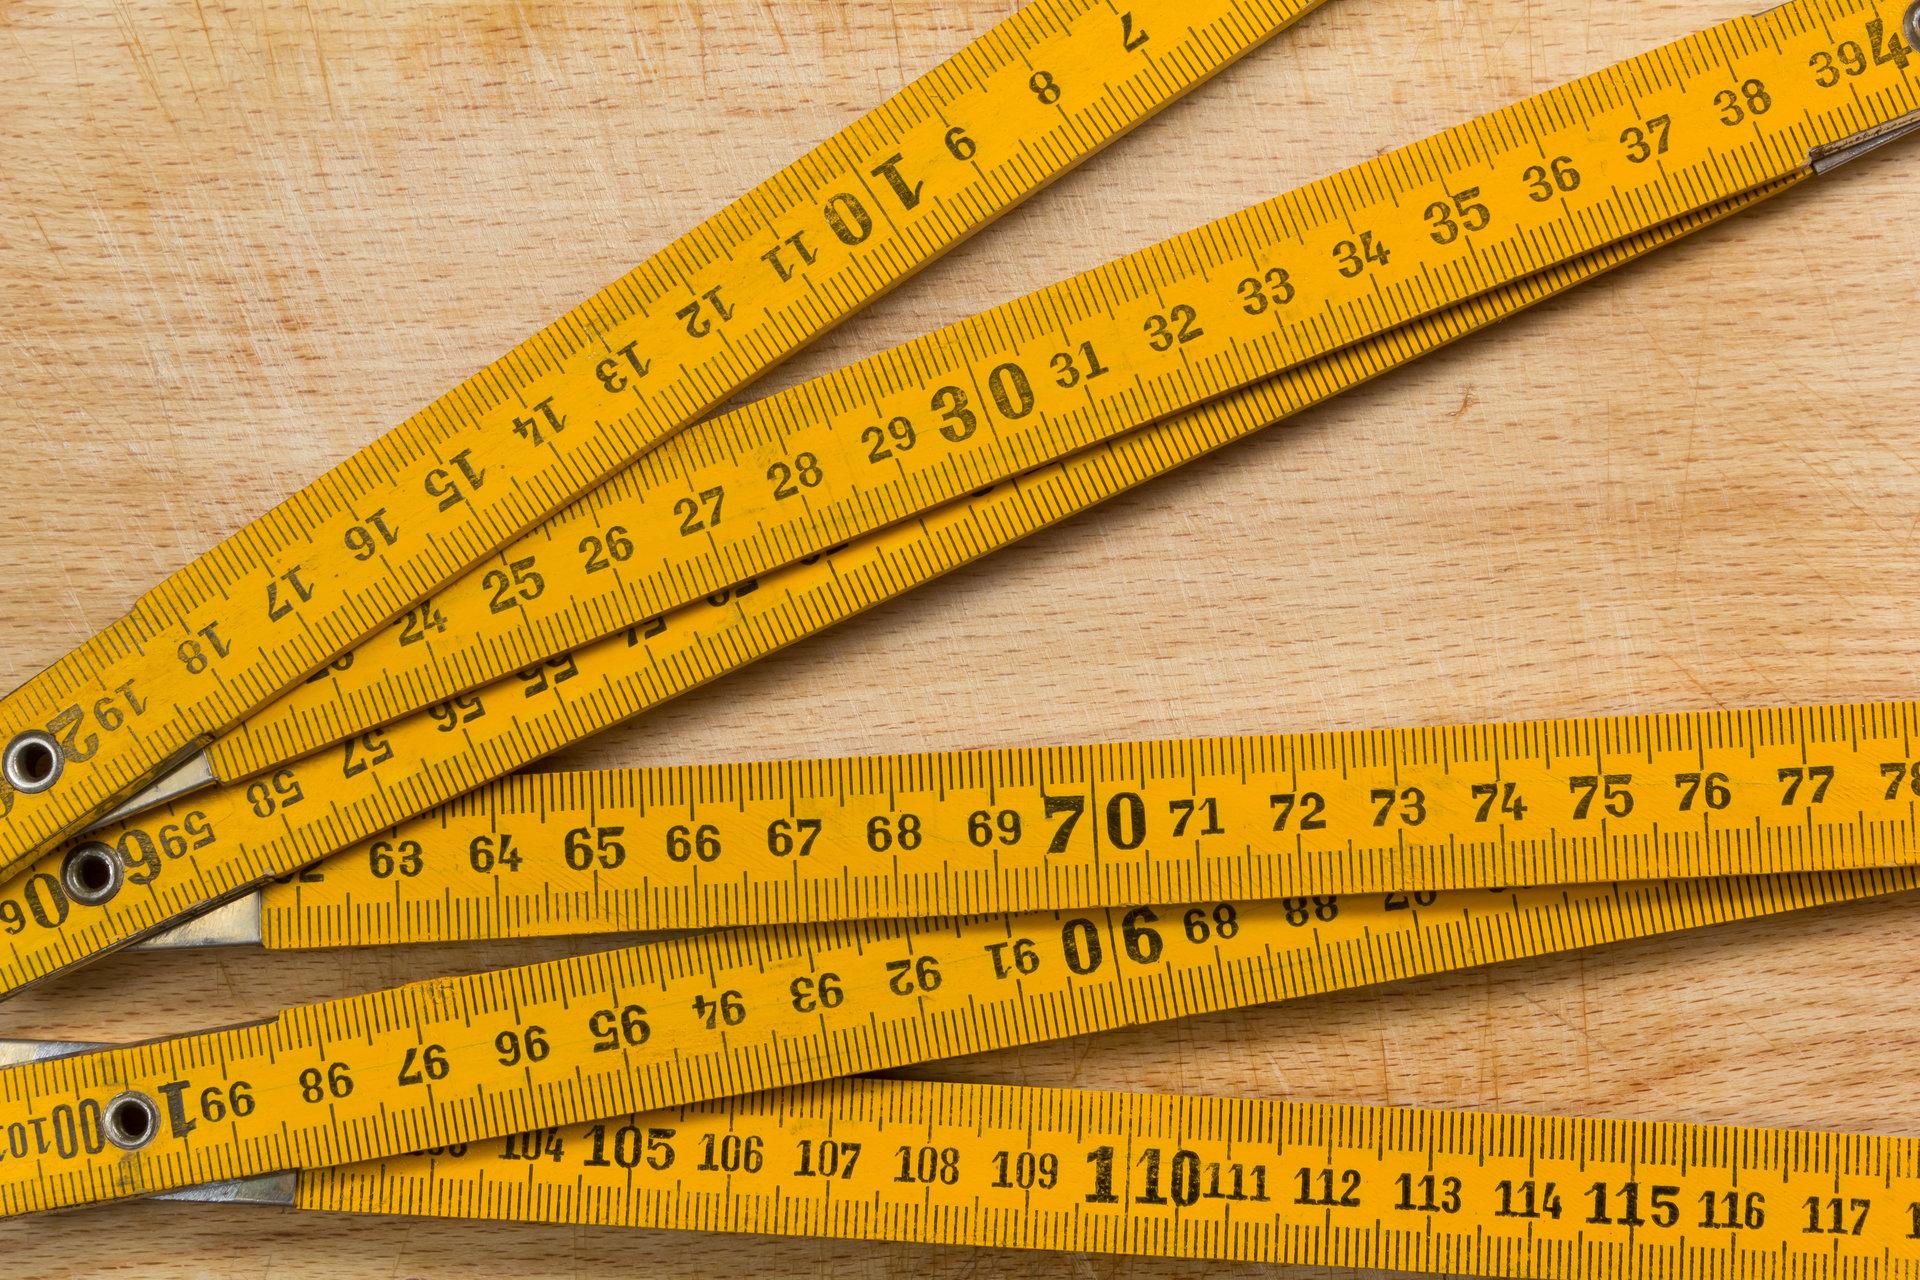 Nario dydis turio padidins varpa, kiek